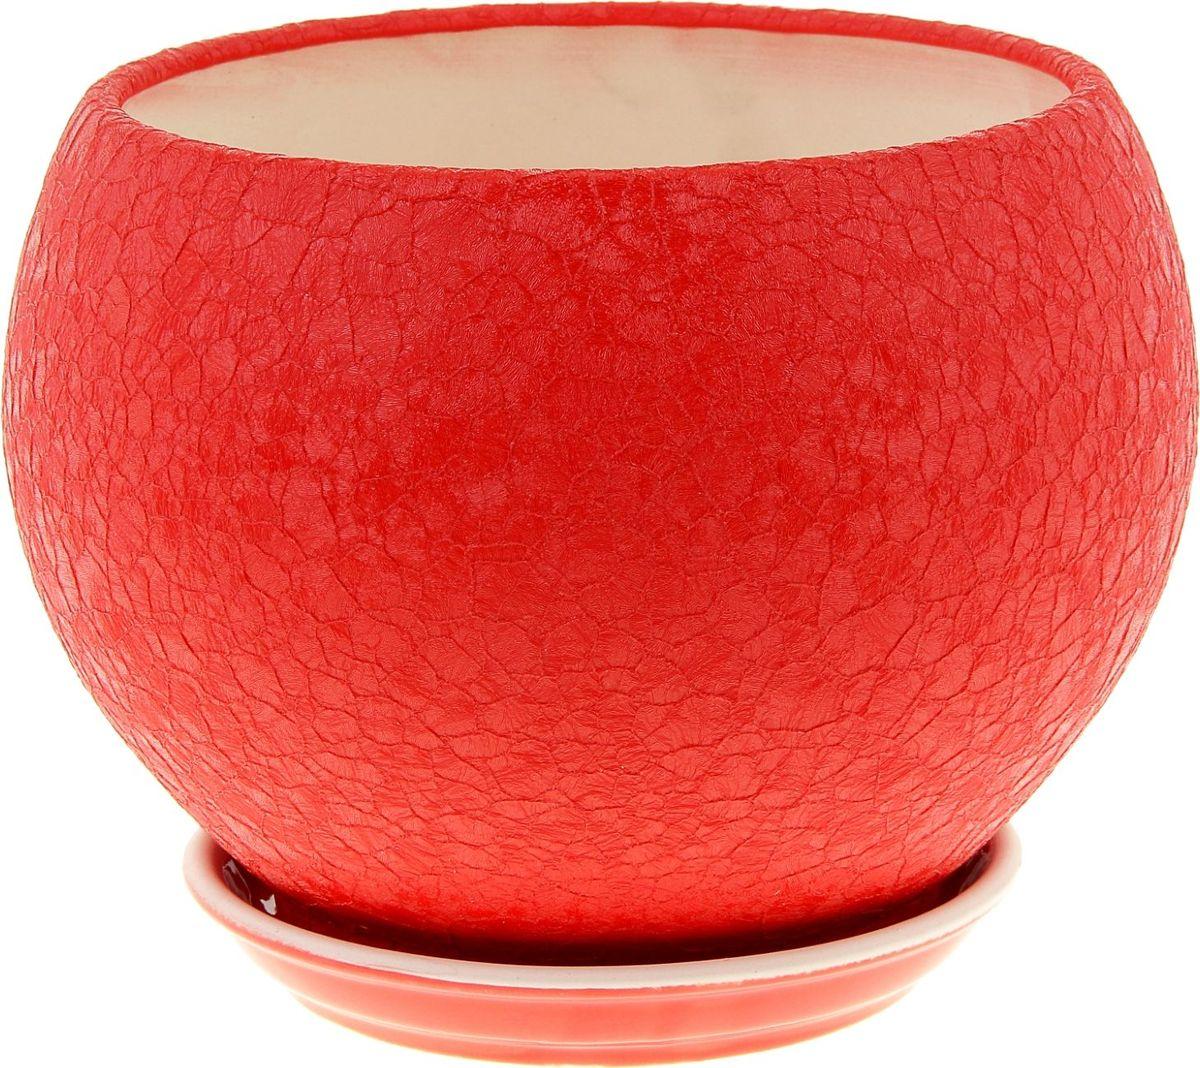 Кашпо Керамика ручной работы Шар, цвет: красный, 4,1 л835709Комнатные растения — всеобщие любимцы. Они радуют глаз, насыщают помещение кислородом и украшают пространство. Каждому из них необходим свой удобный и красивый дом. Кашпо из керамики прекрасно подходят для высадки растений: за счёт пластичности глины и разных способов обработки существует великое множество форм и дизайновпористый материал позволяет испаряться лишней влагевоздух, необходимый для дыхания корней, проникает сквозь керамические стенки! #name# позаботится о зелёном питомце, освежит интерьер и подчеркнёт его стиль.